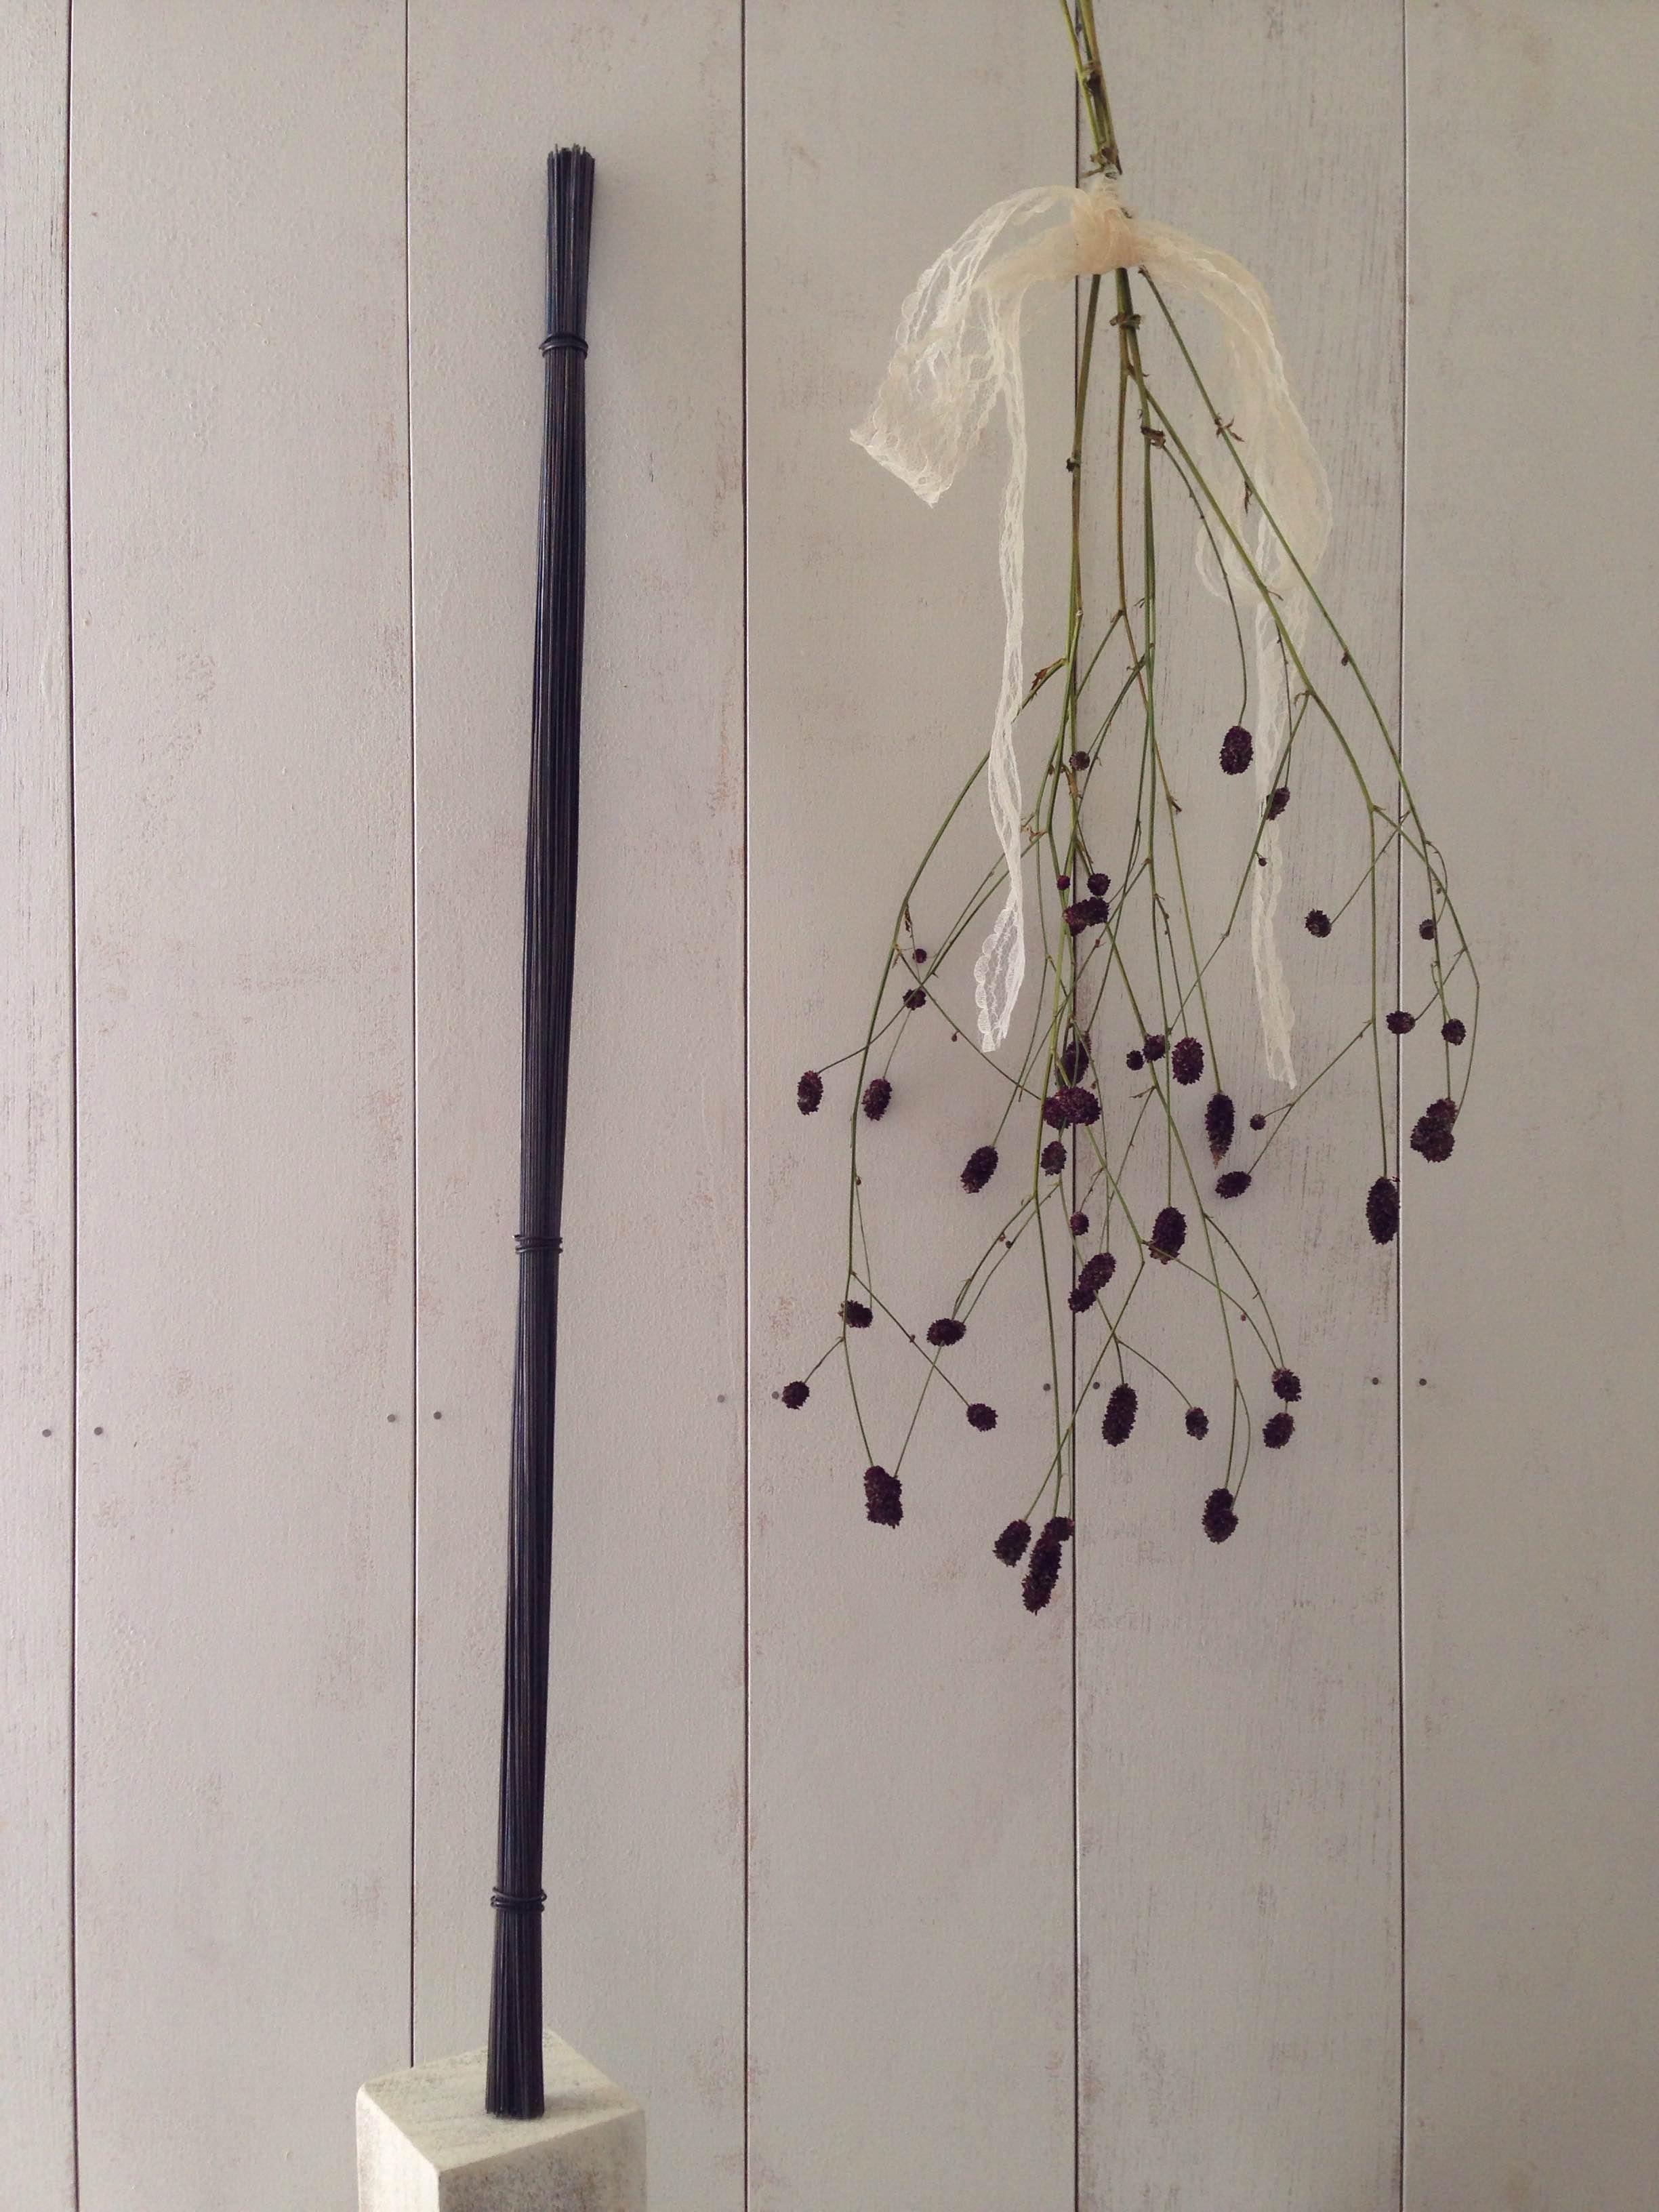 ワイヤークラフト用 結束線- fil noir-